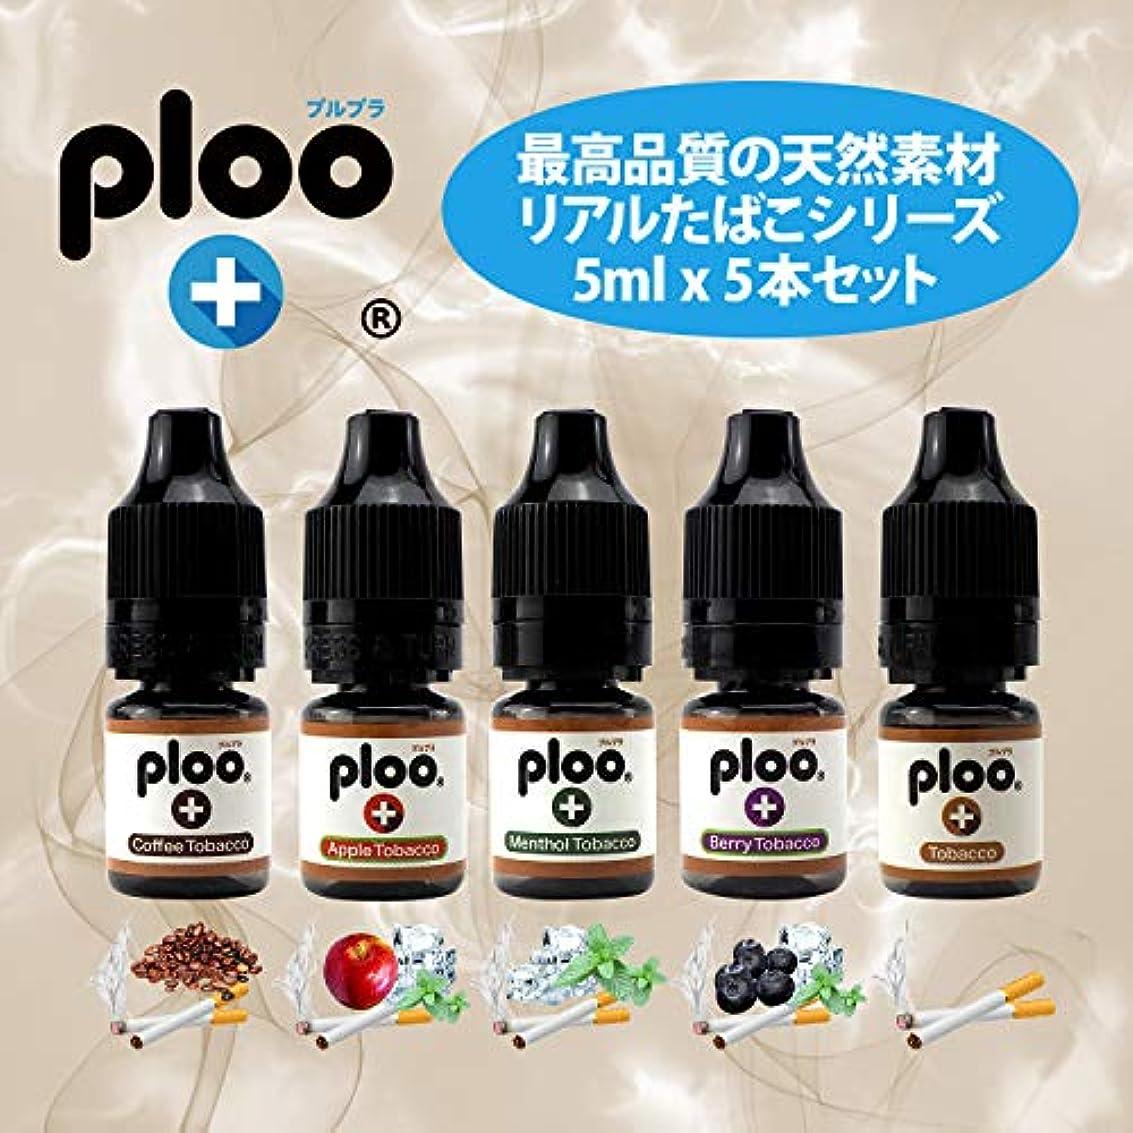 いま繁殖ニュージーランド国産 電子タバコ リキッド リアルたばこ フレーバーシリーズ セット 最高品質の天然素材 たばこ葉使用 5ml×5本 Vape ploo+